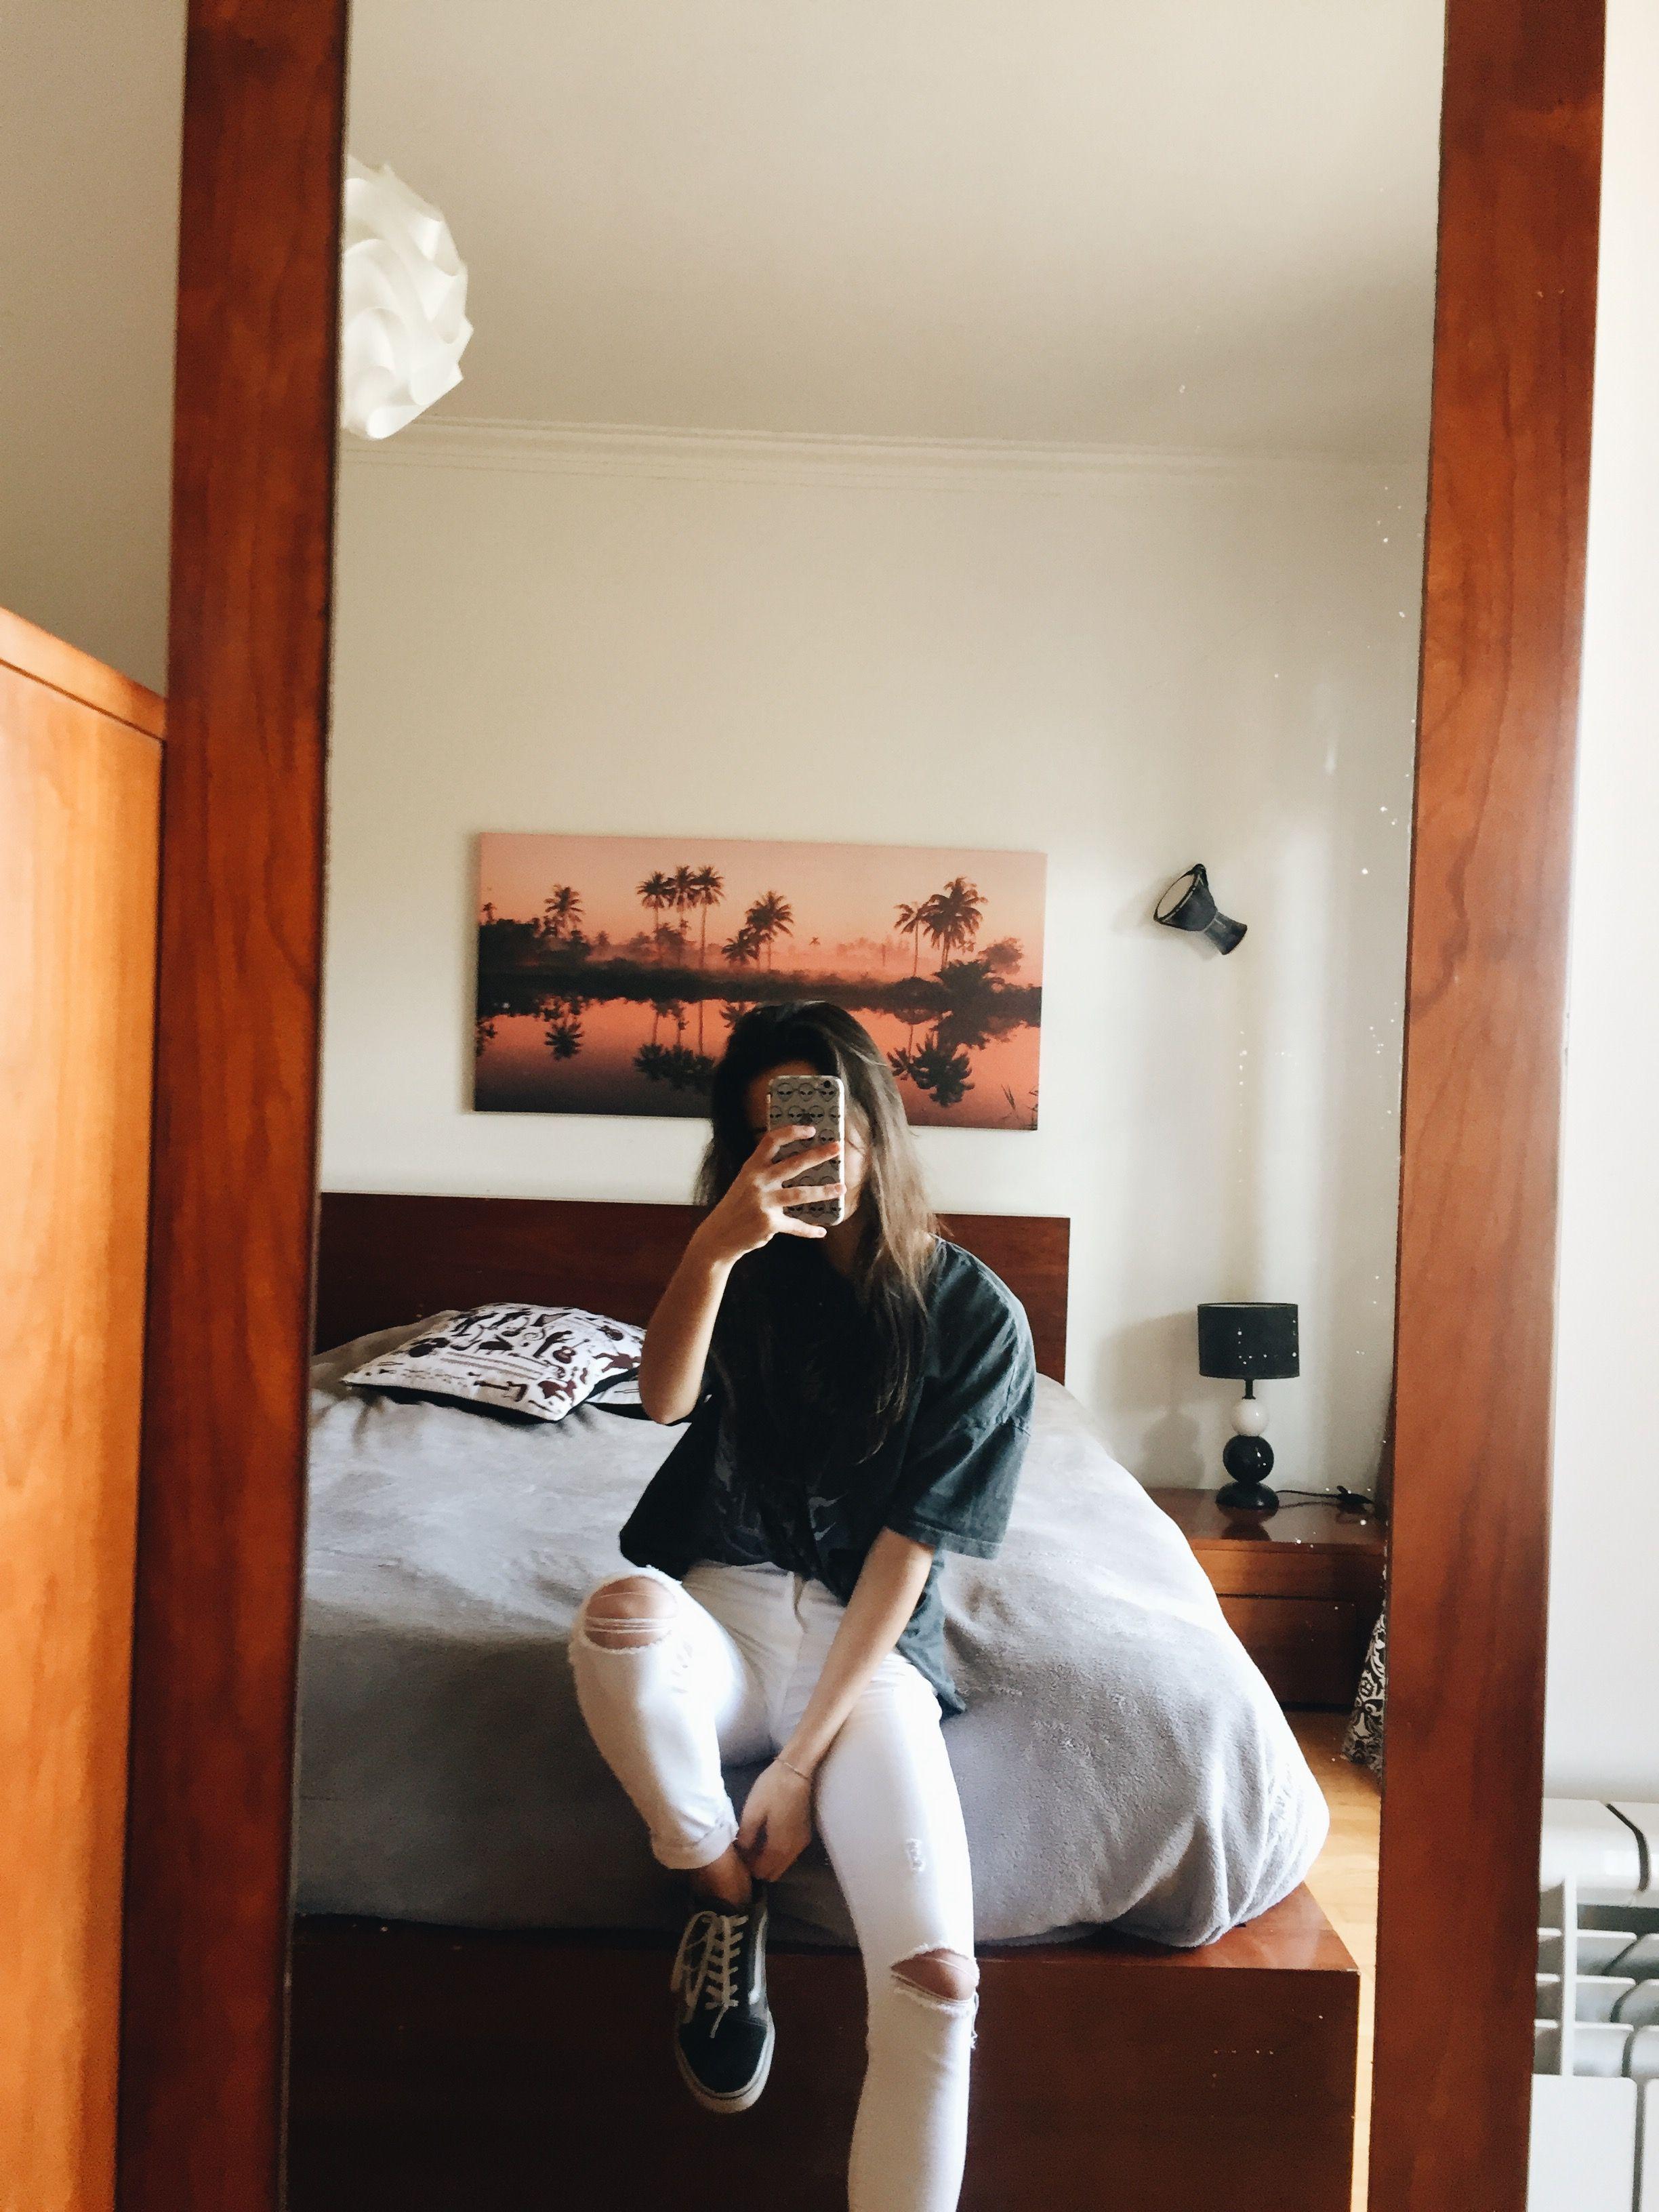 383770e4c907 ˗ˏˋ lucymariacliff ˎˊ˗ Girls Mirror